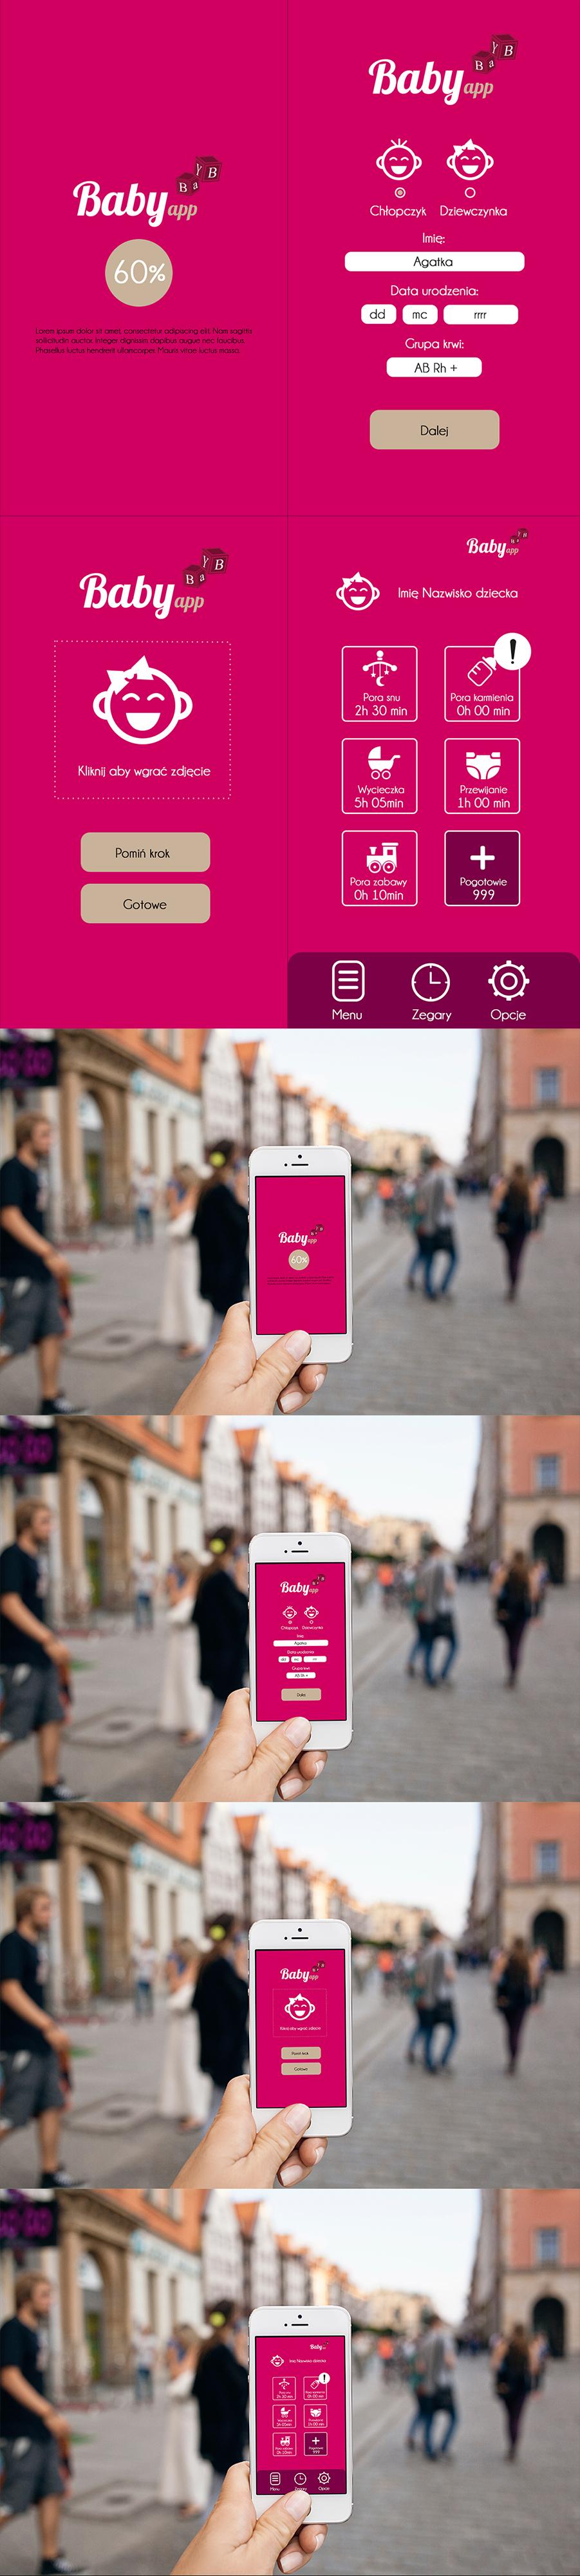 Prezentacja różnych podstron aplikacji mobilnej służącej do śledzenia aktywności niemowląt